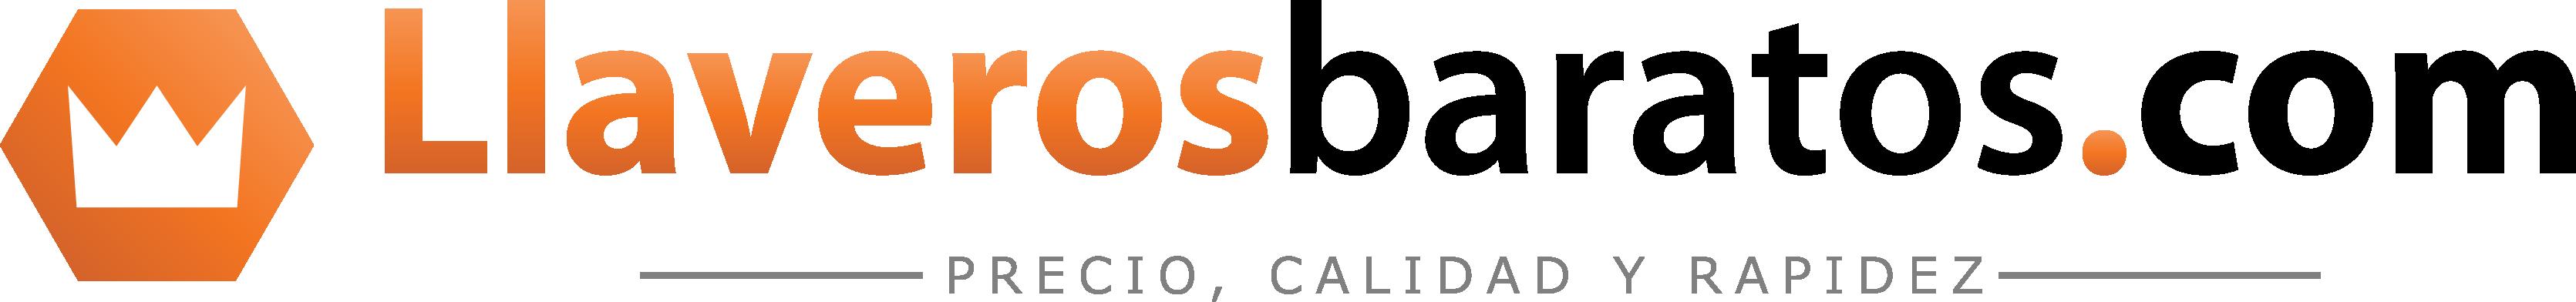 Llaverosbaratos.com - Fabricantes de llaveros personalizados